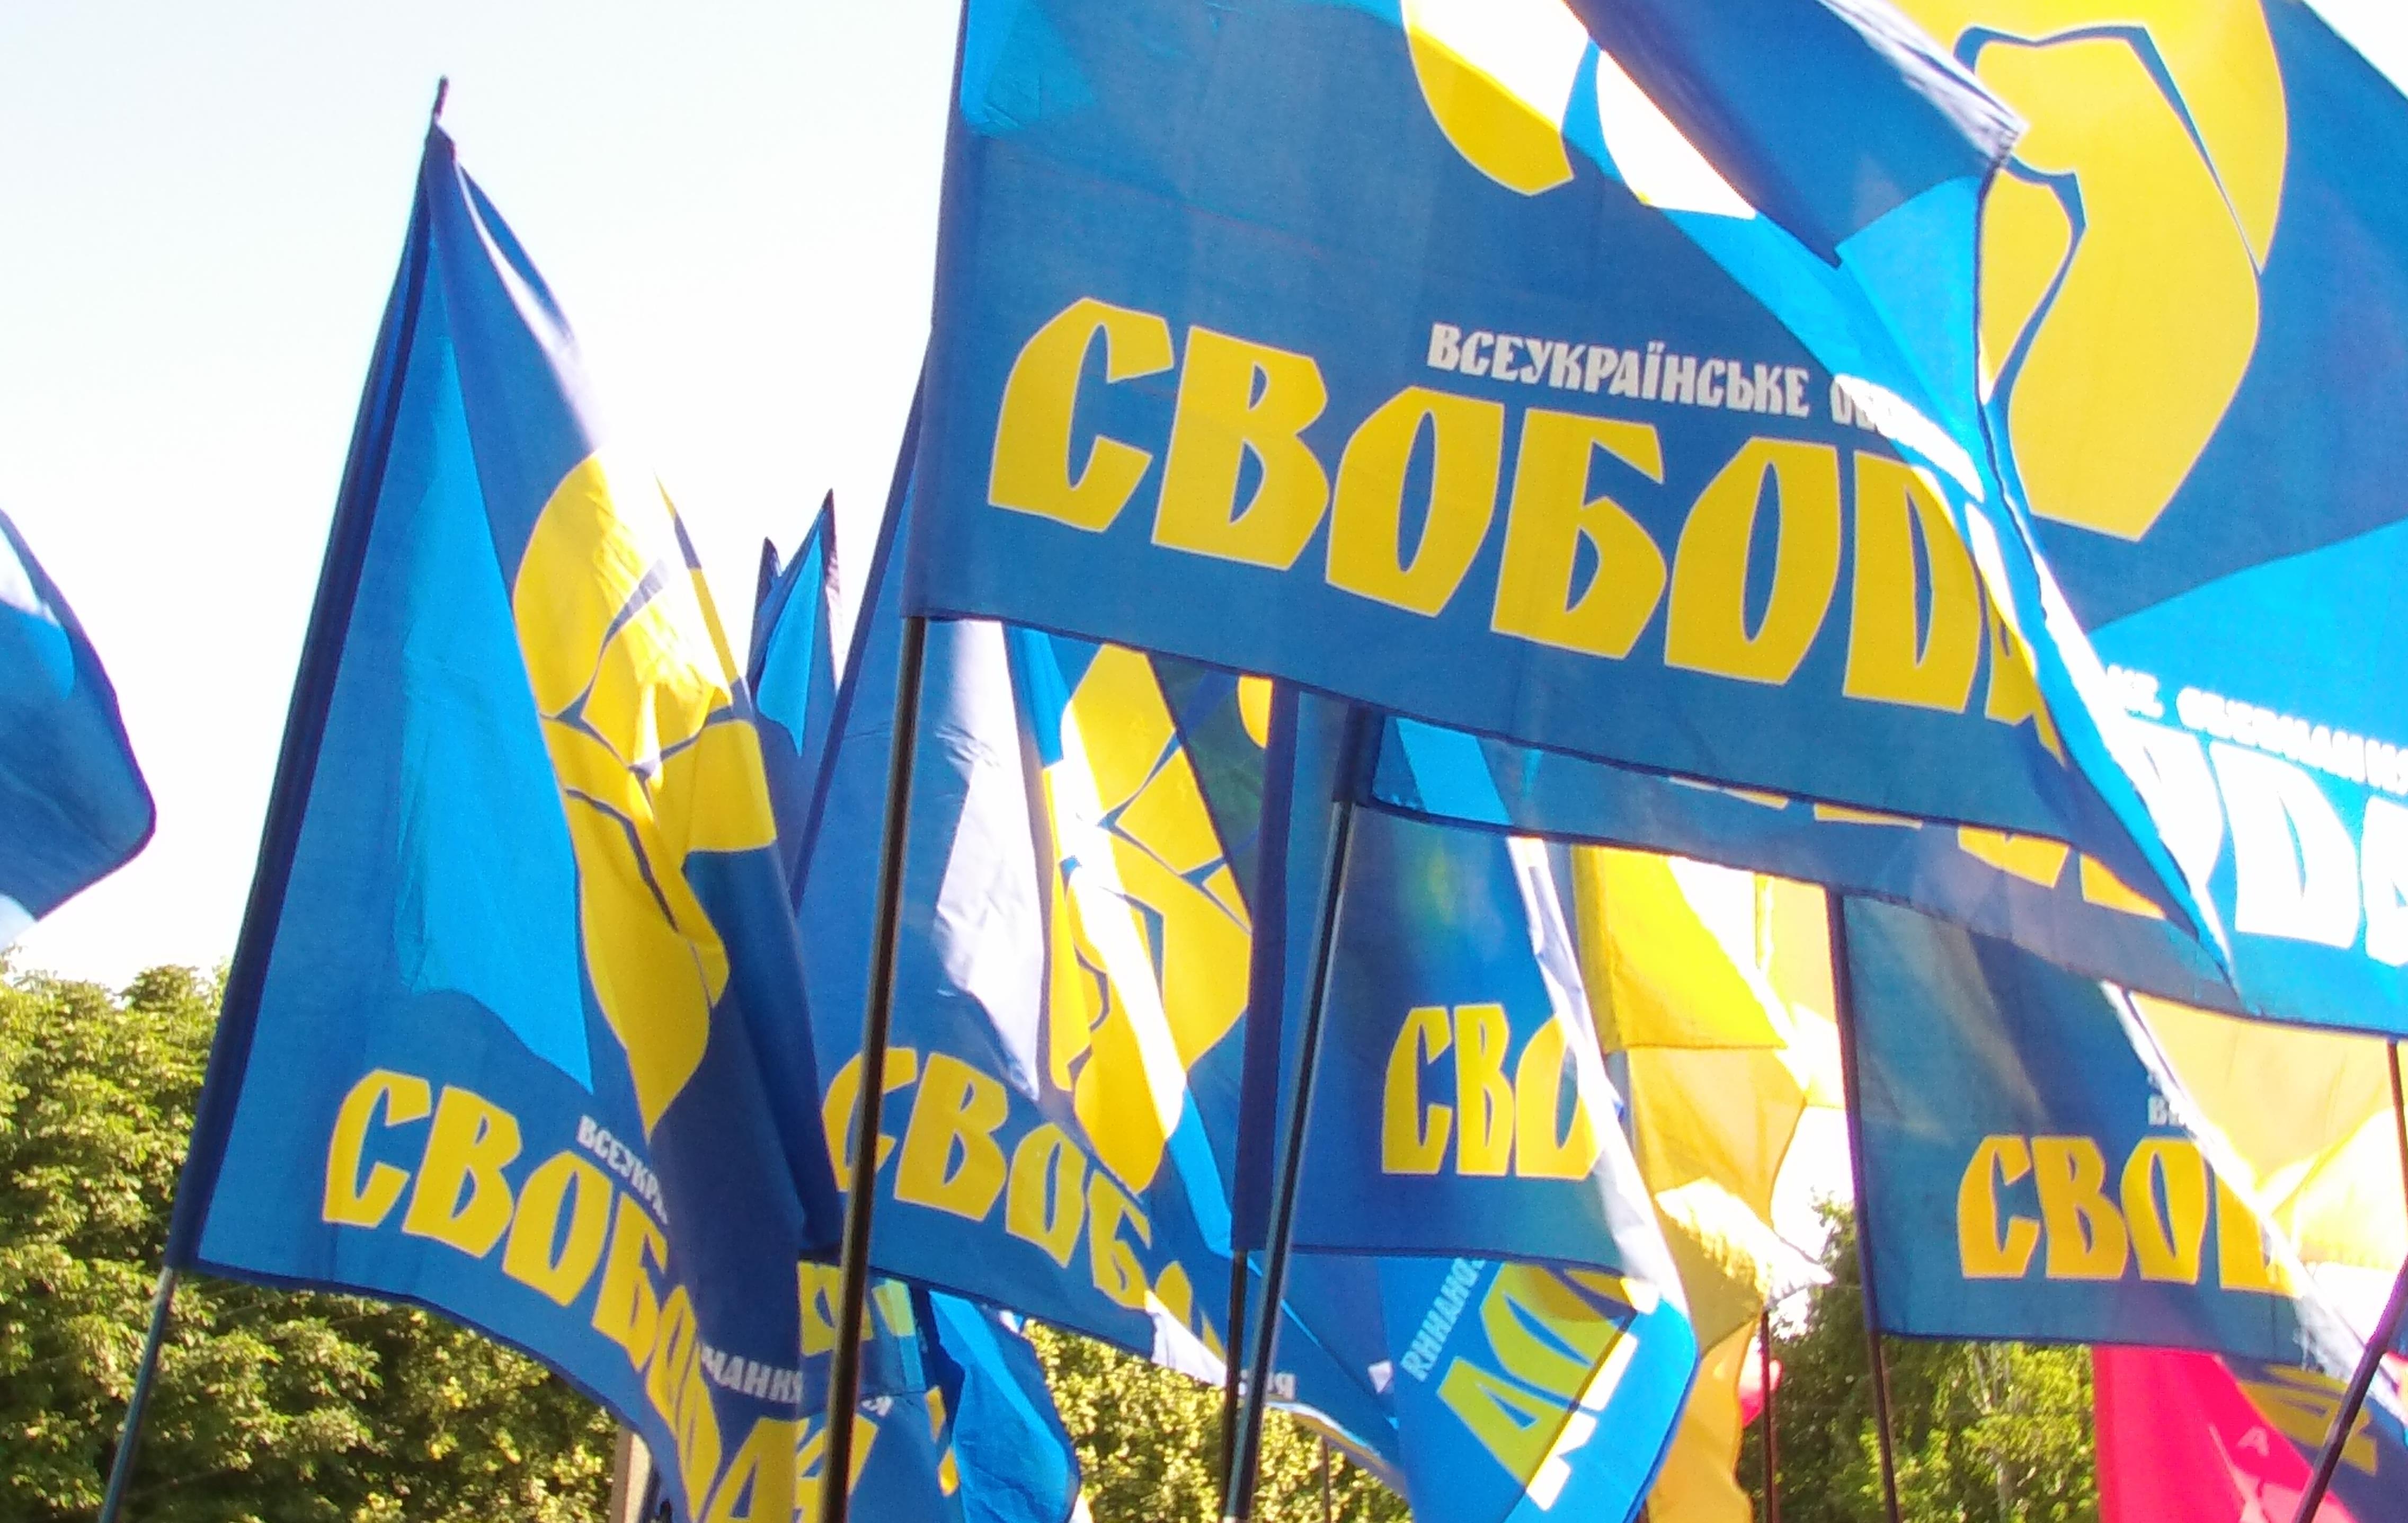 Свободу украини фото 1 фотография